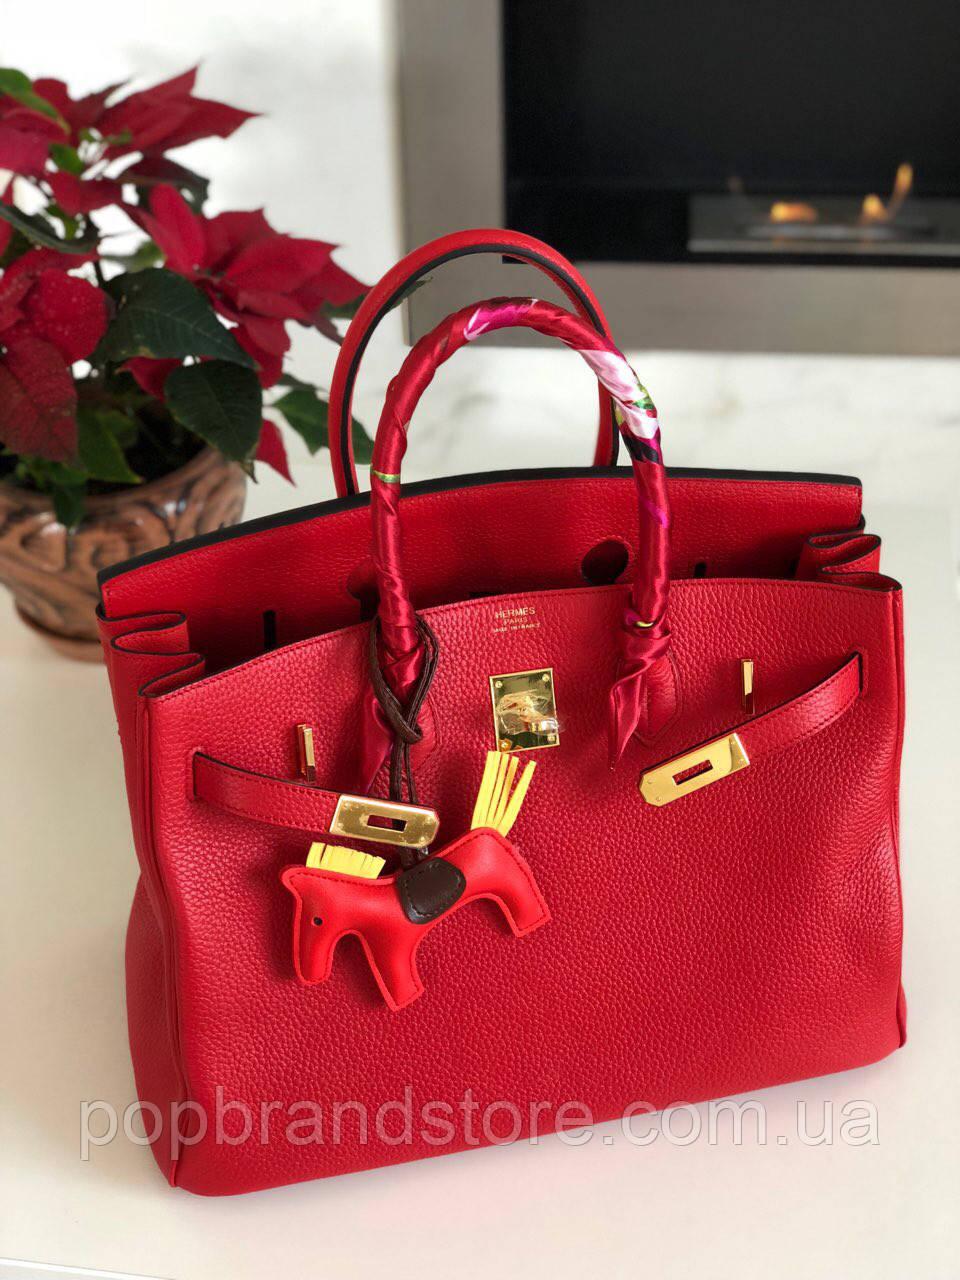 Роскошная женская сумка Гермес Биркин 35 см красная (реплика ... 83f874606237c